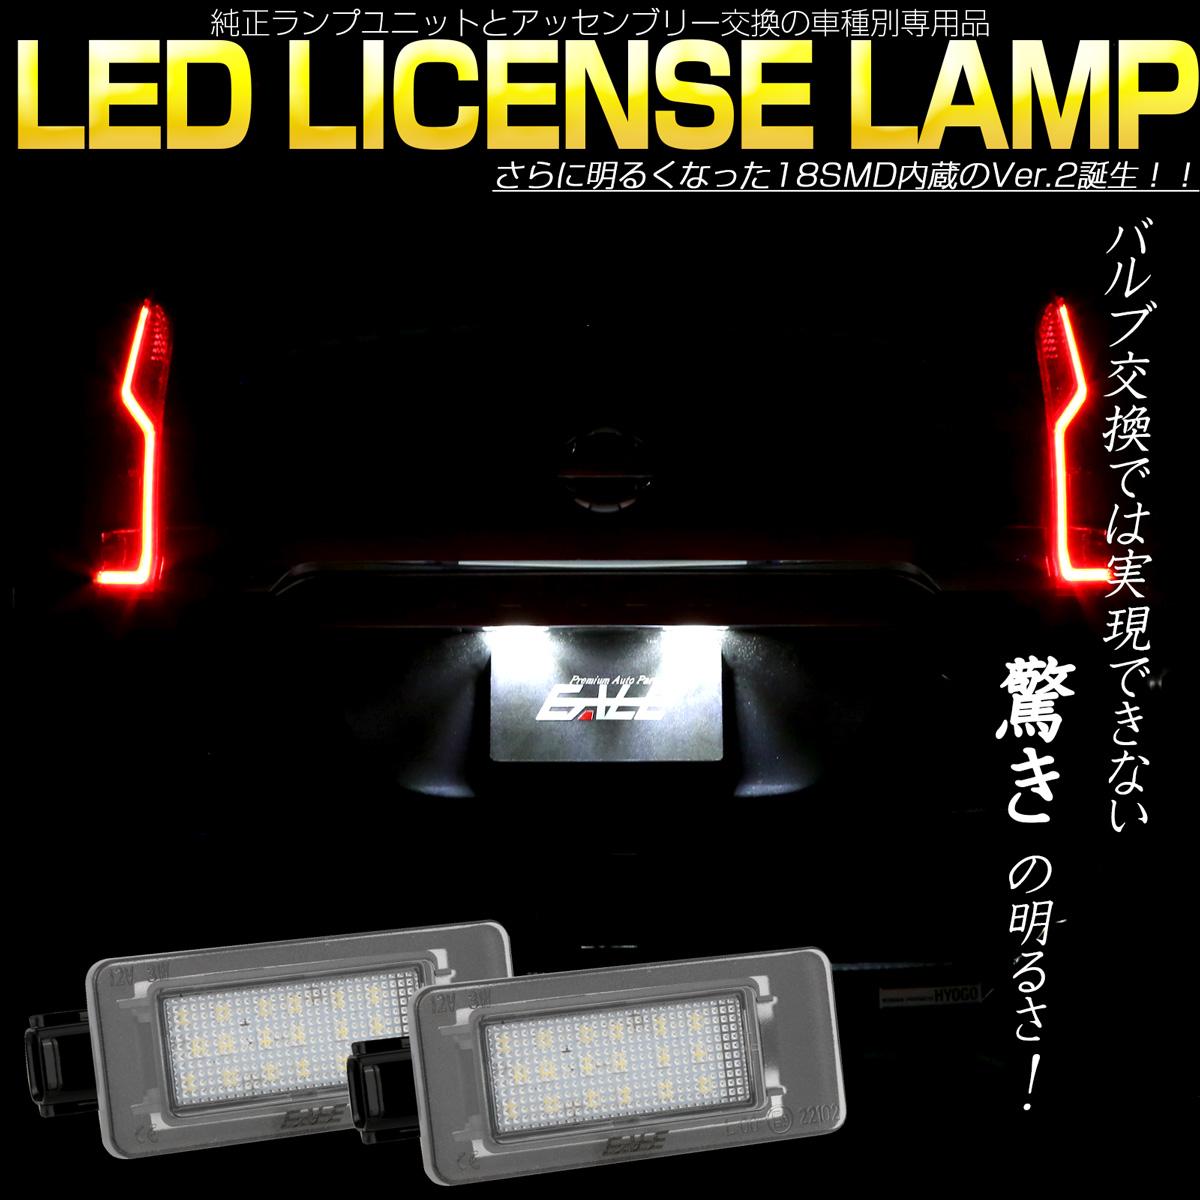 ニッサン C27系 セレナ 専用 LED ライセンスランプ ナンバー灯 ユニット交換 光量+330% 純白6000K 取り付け要領書付き R-212